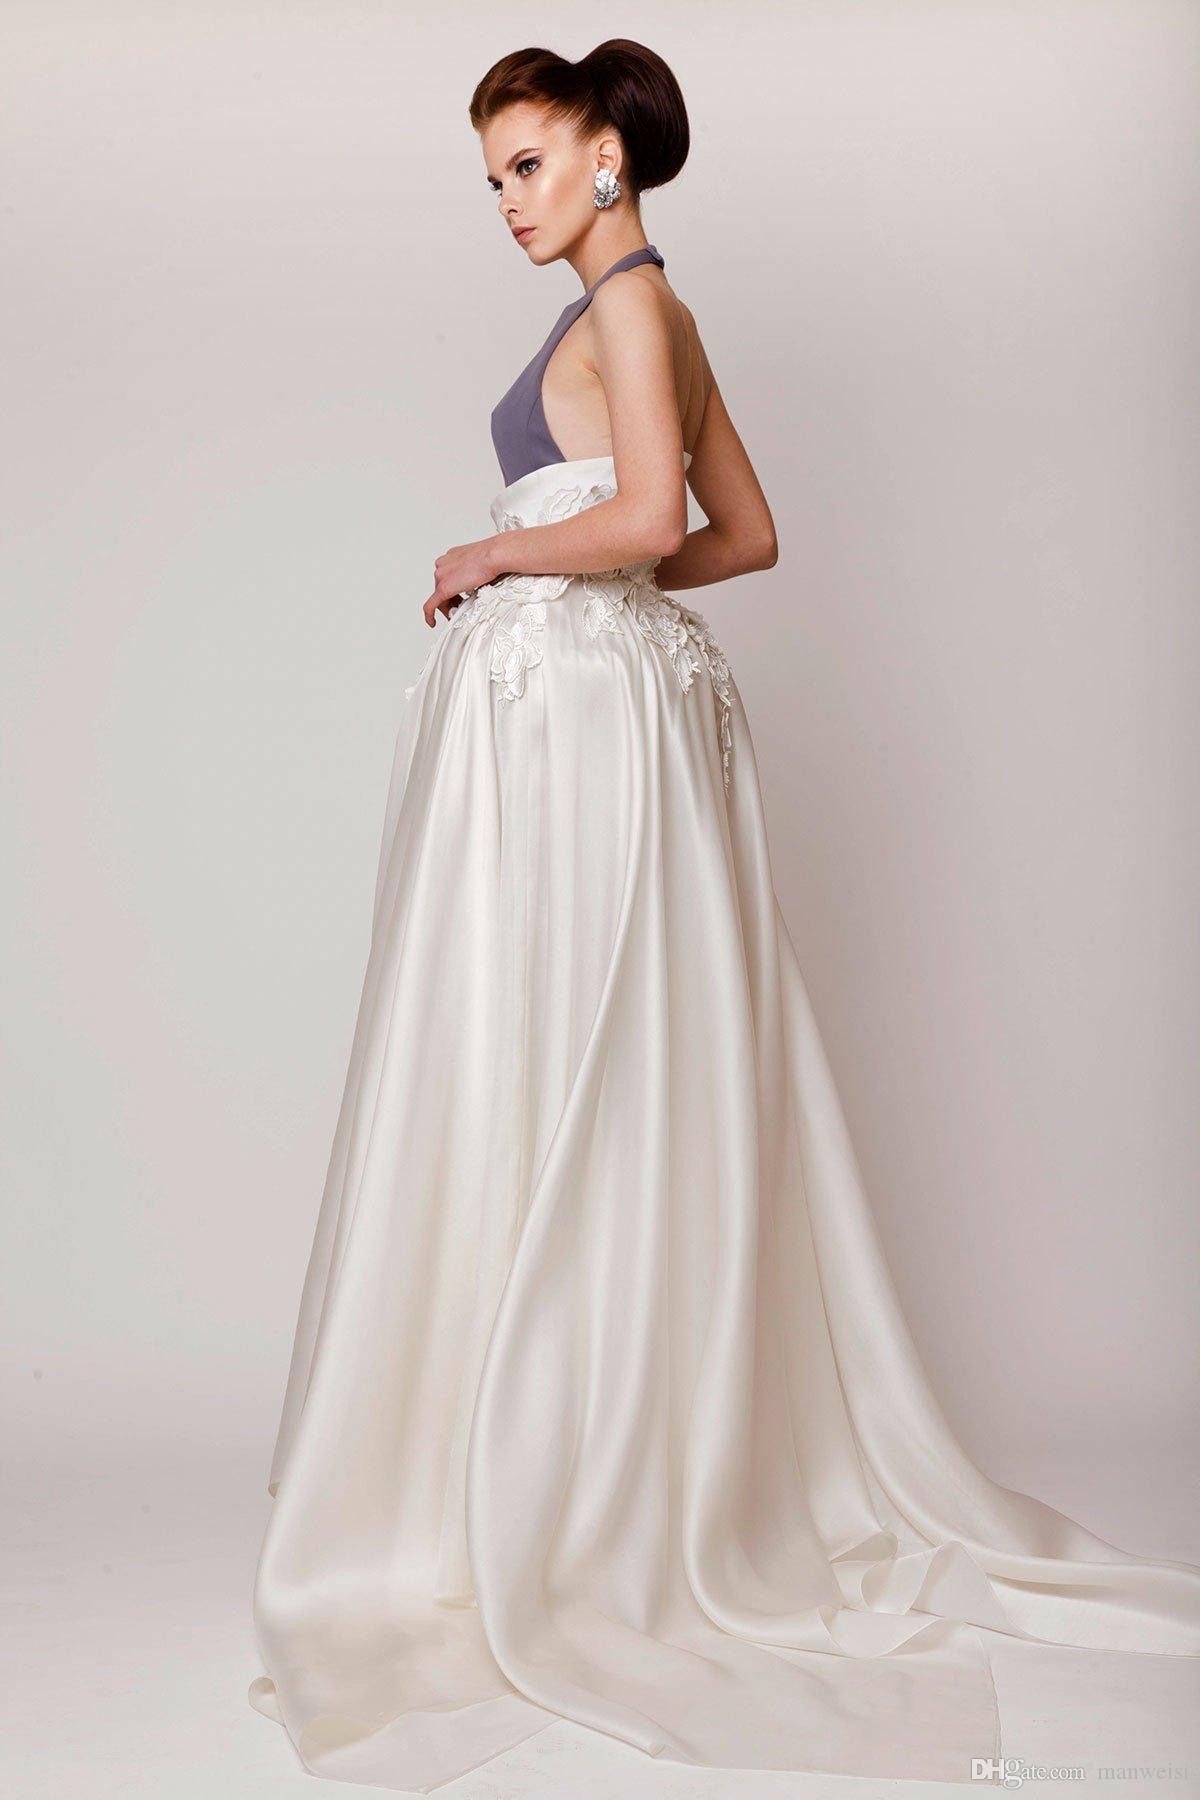 Formal Leicht Abendkleider Neckholder Design10 Perfekt Abendkleider Neckholder Spezialgebiet